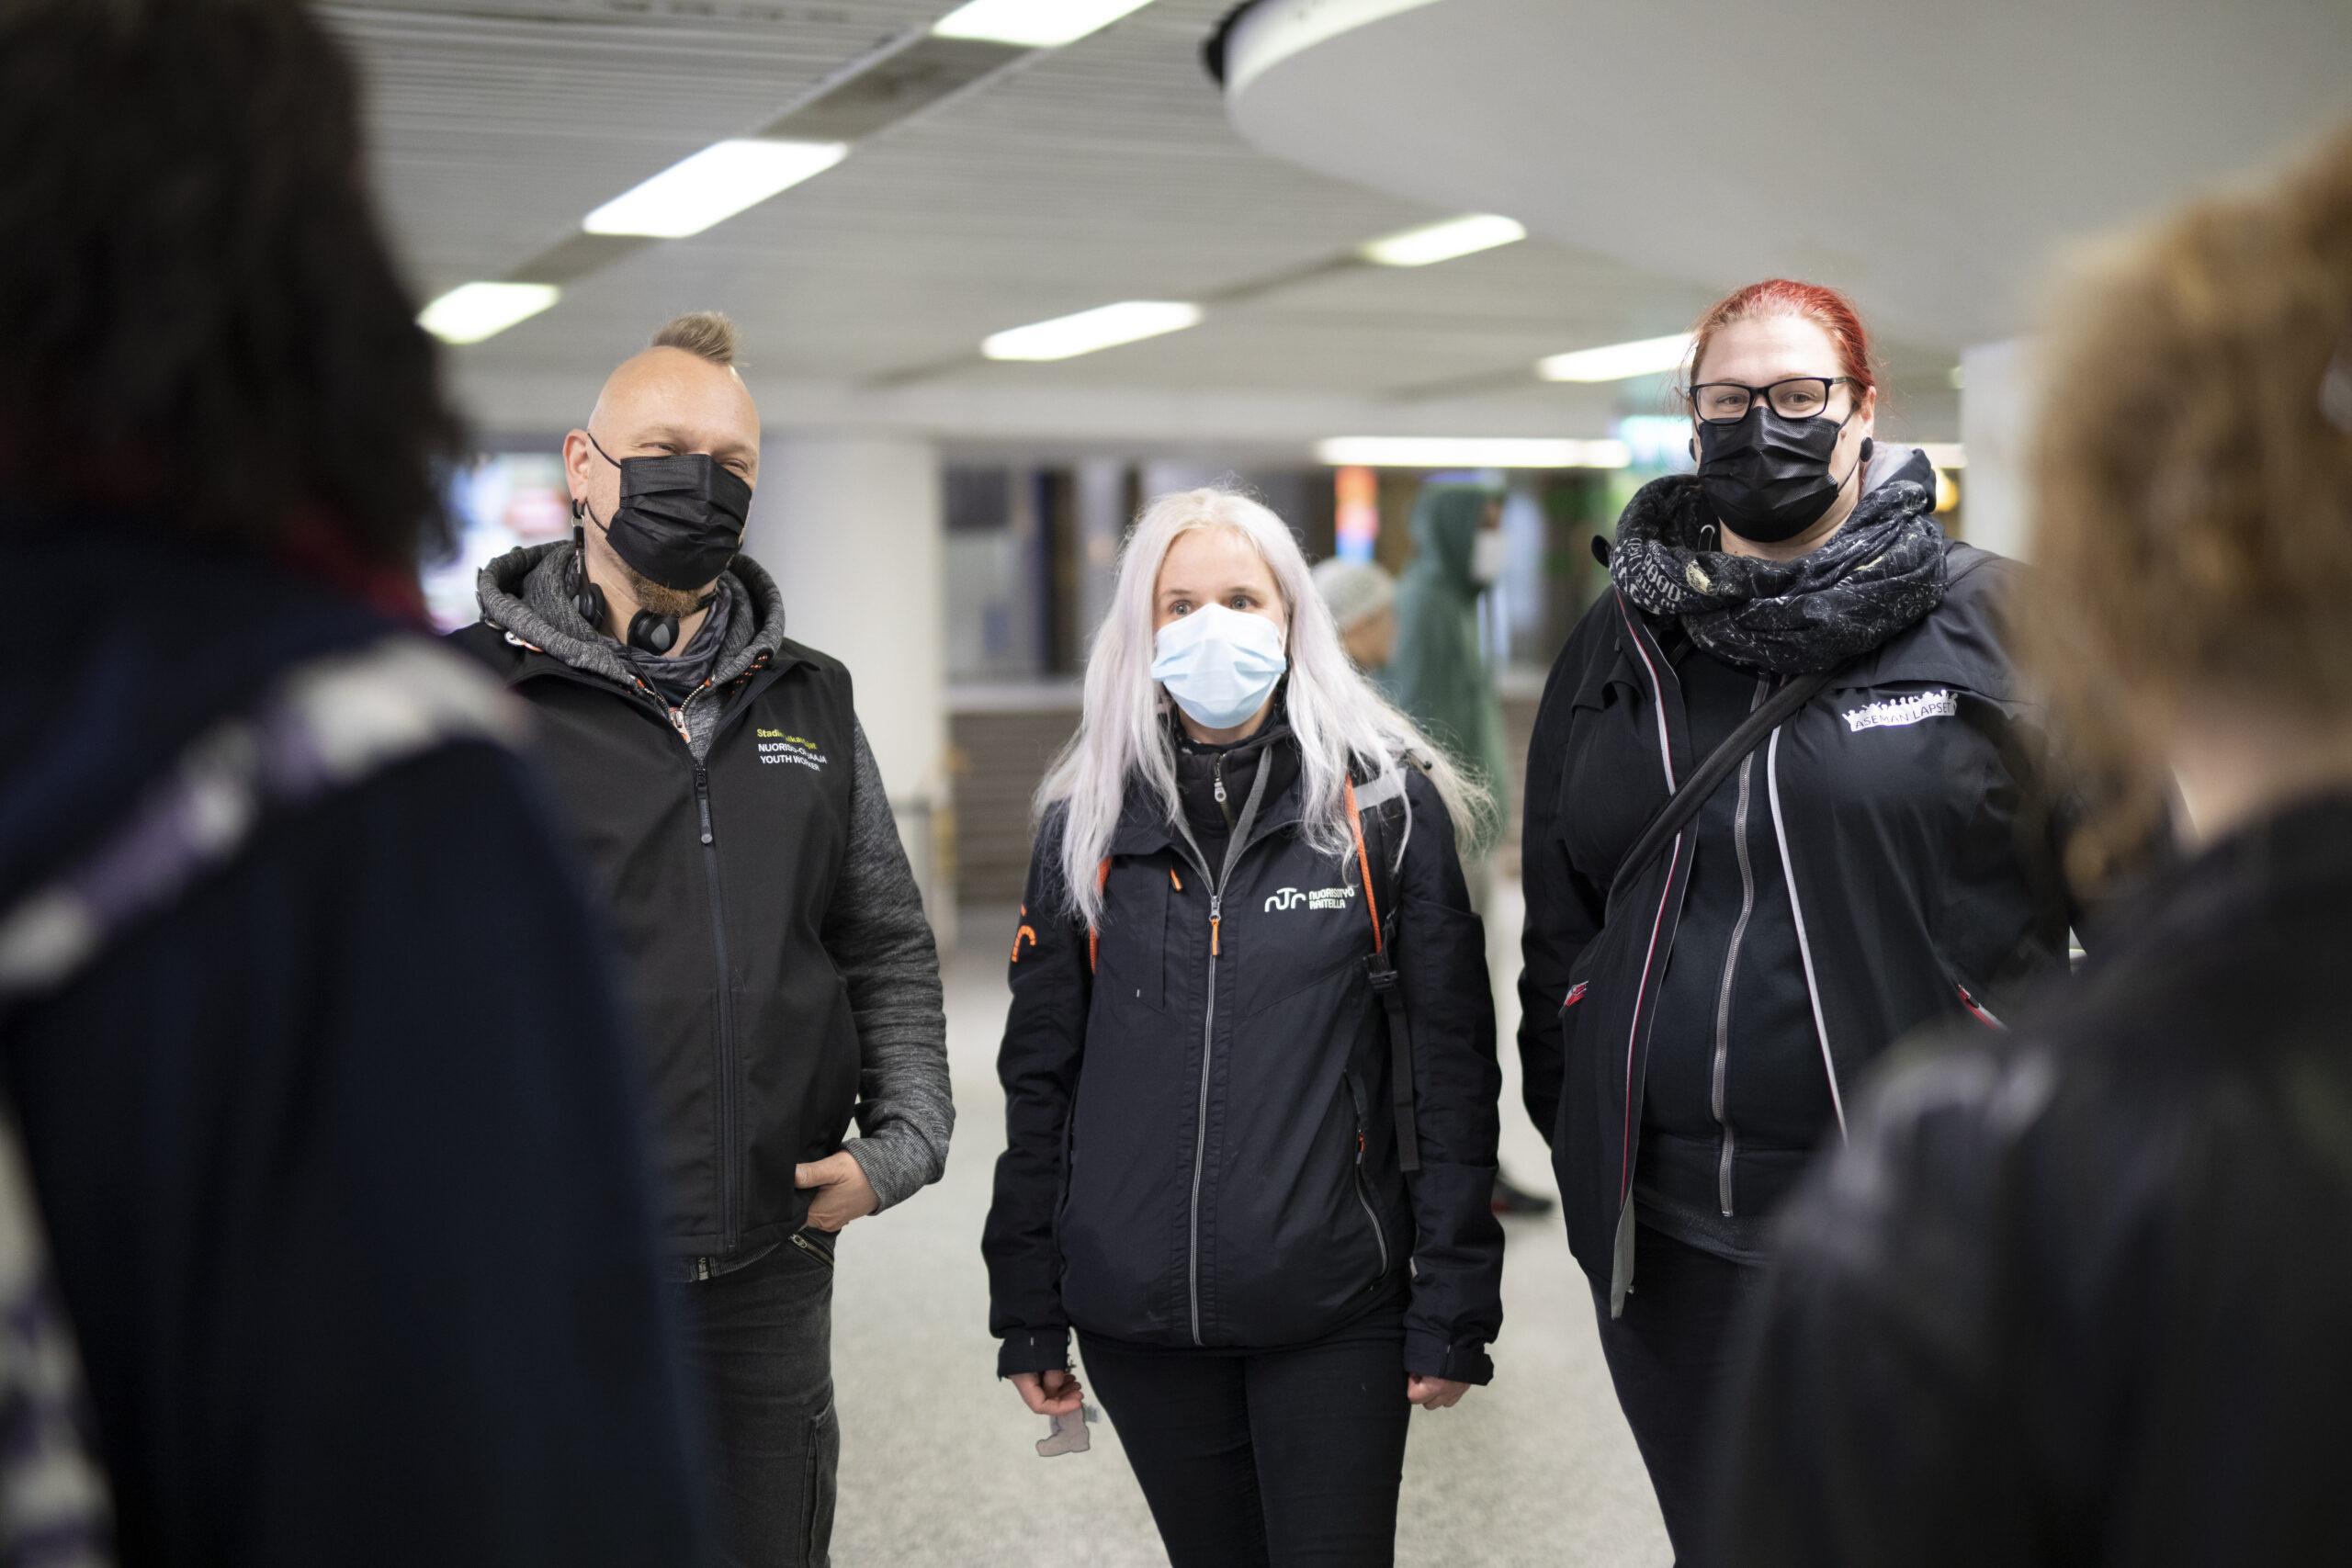 Kolme jalkautuvaa nuorisotyöntekijää seisoo asematunnelissa maskit päällä.